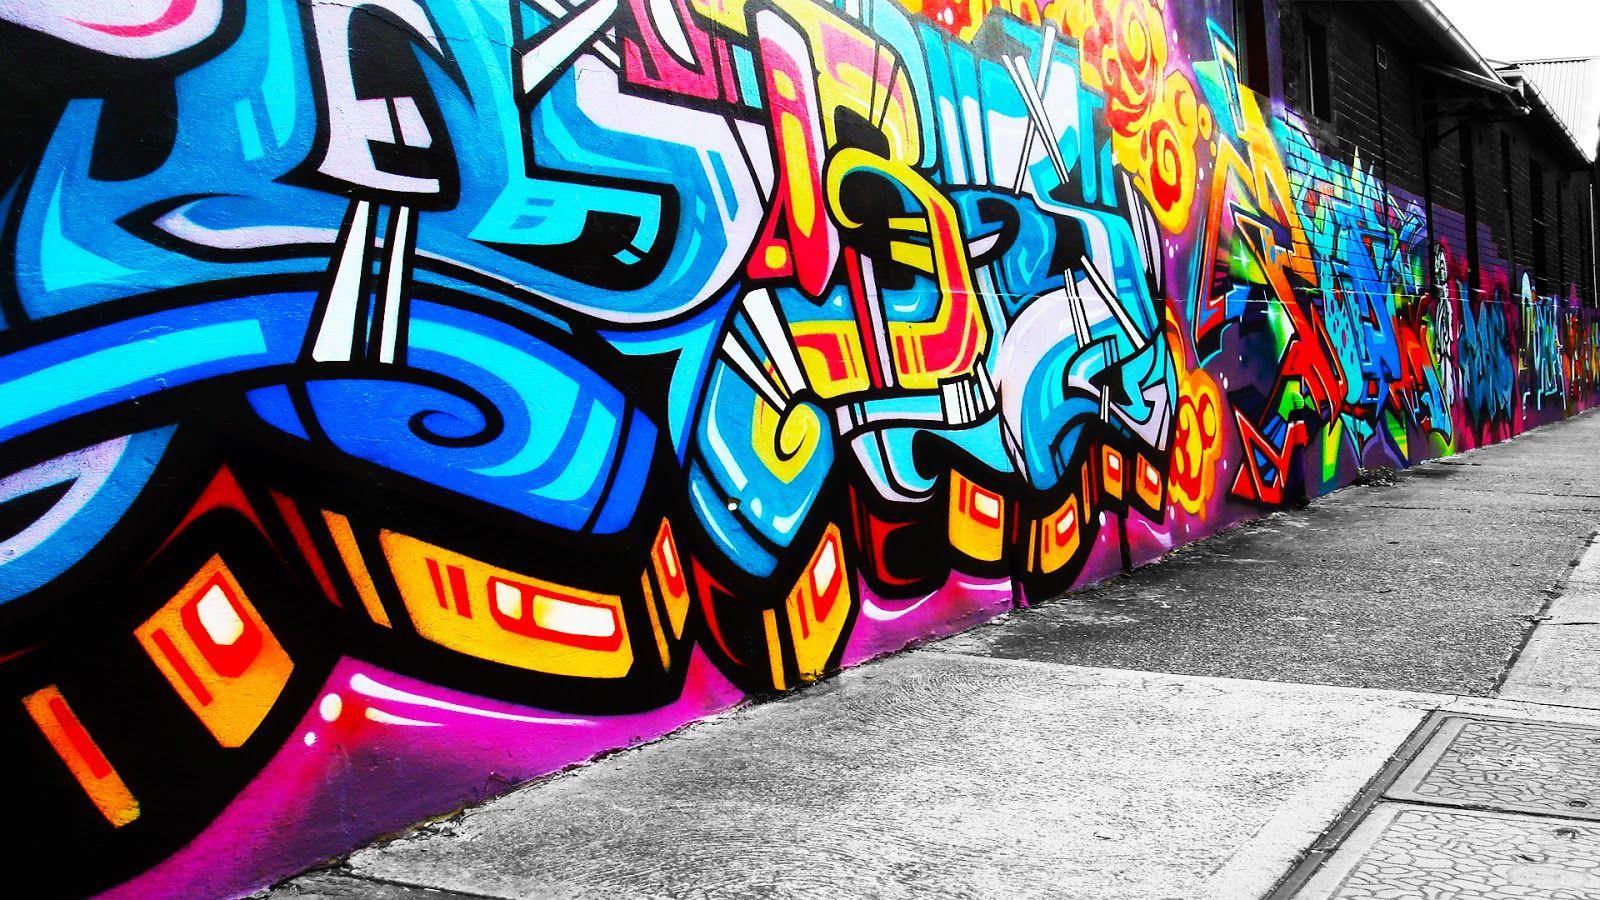 Wall Art Graffiti Background